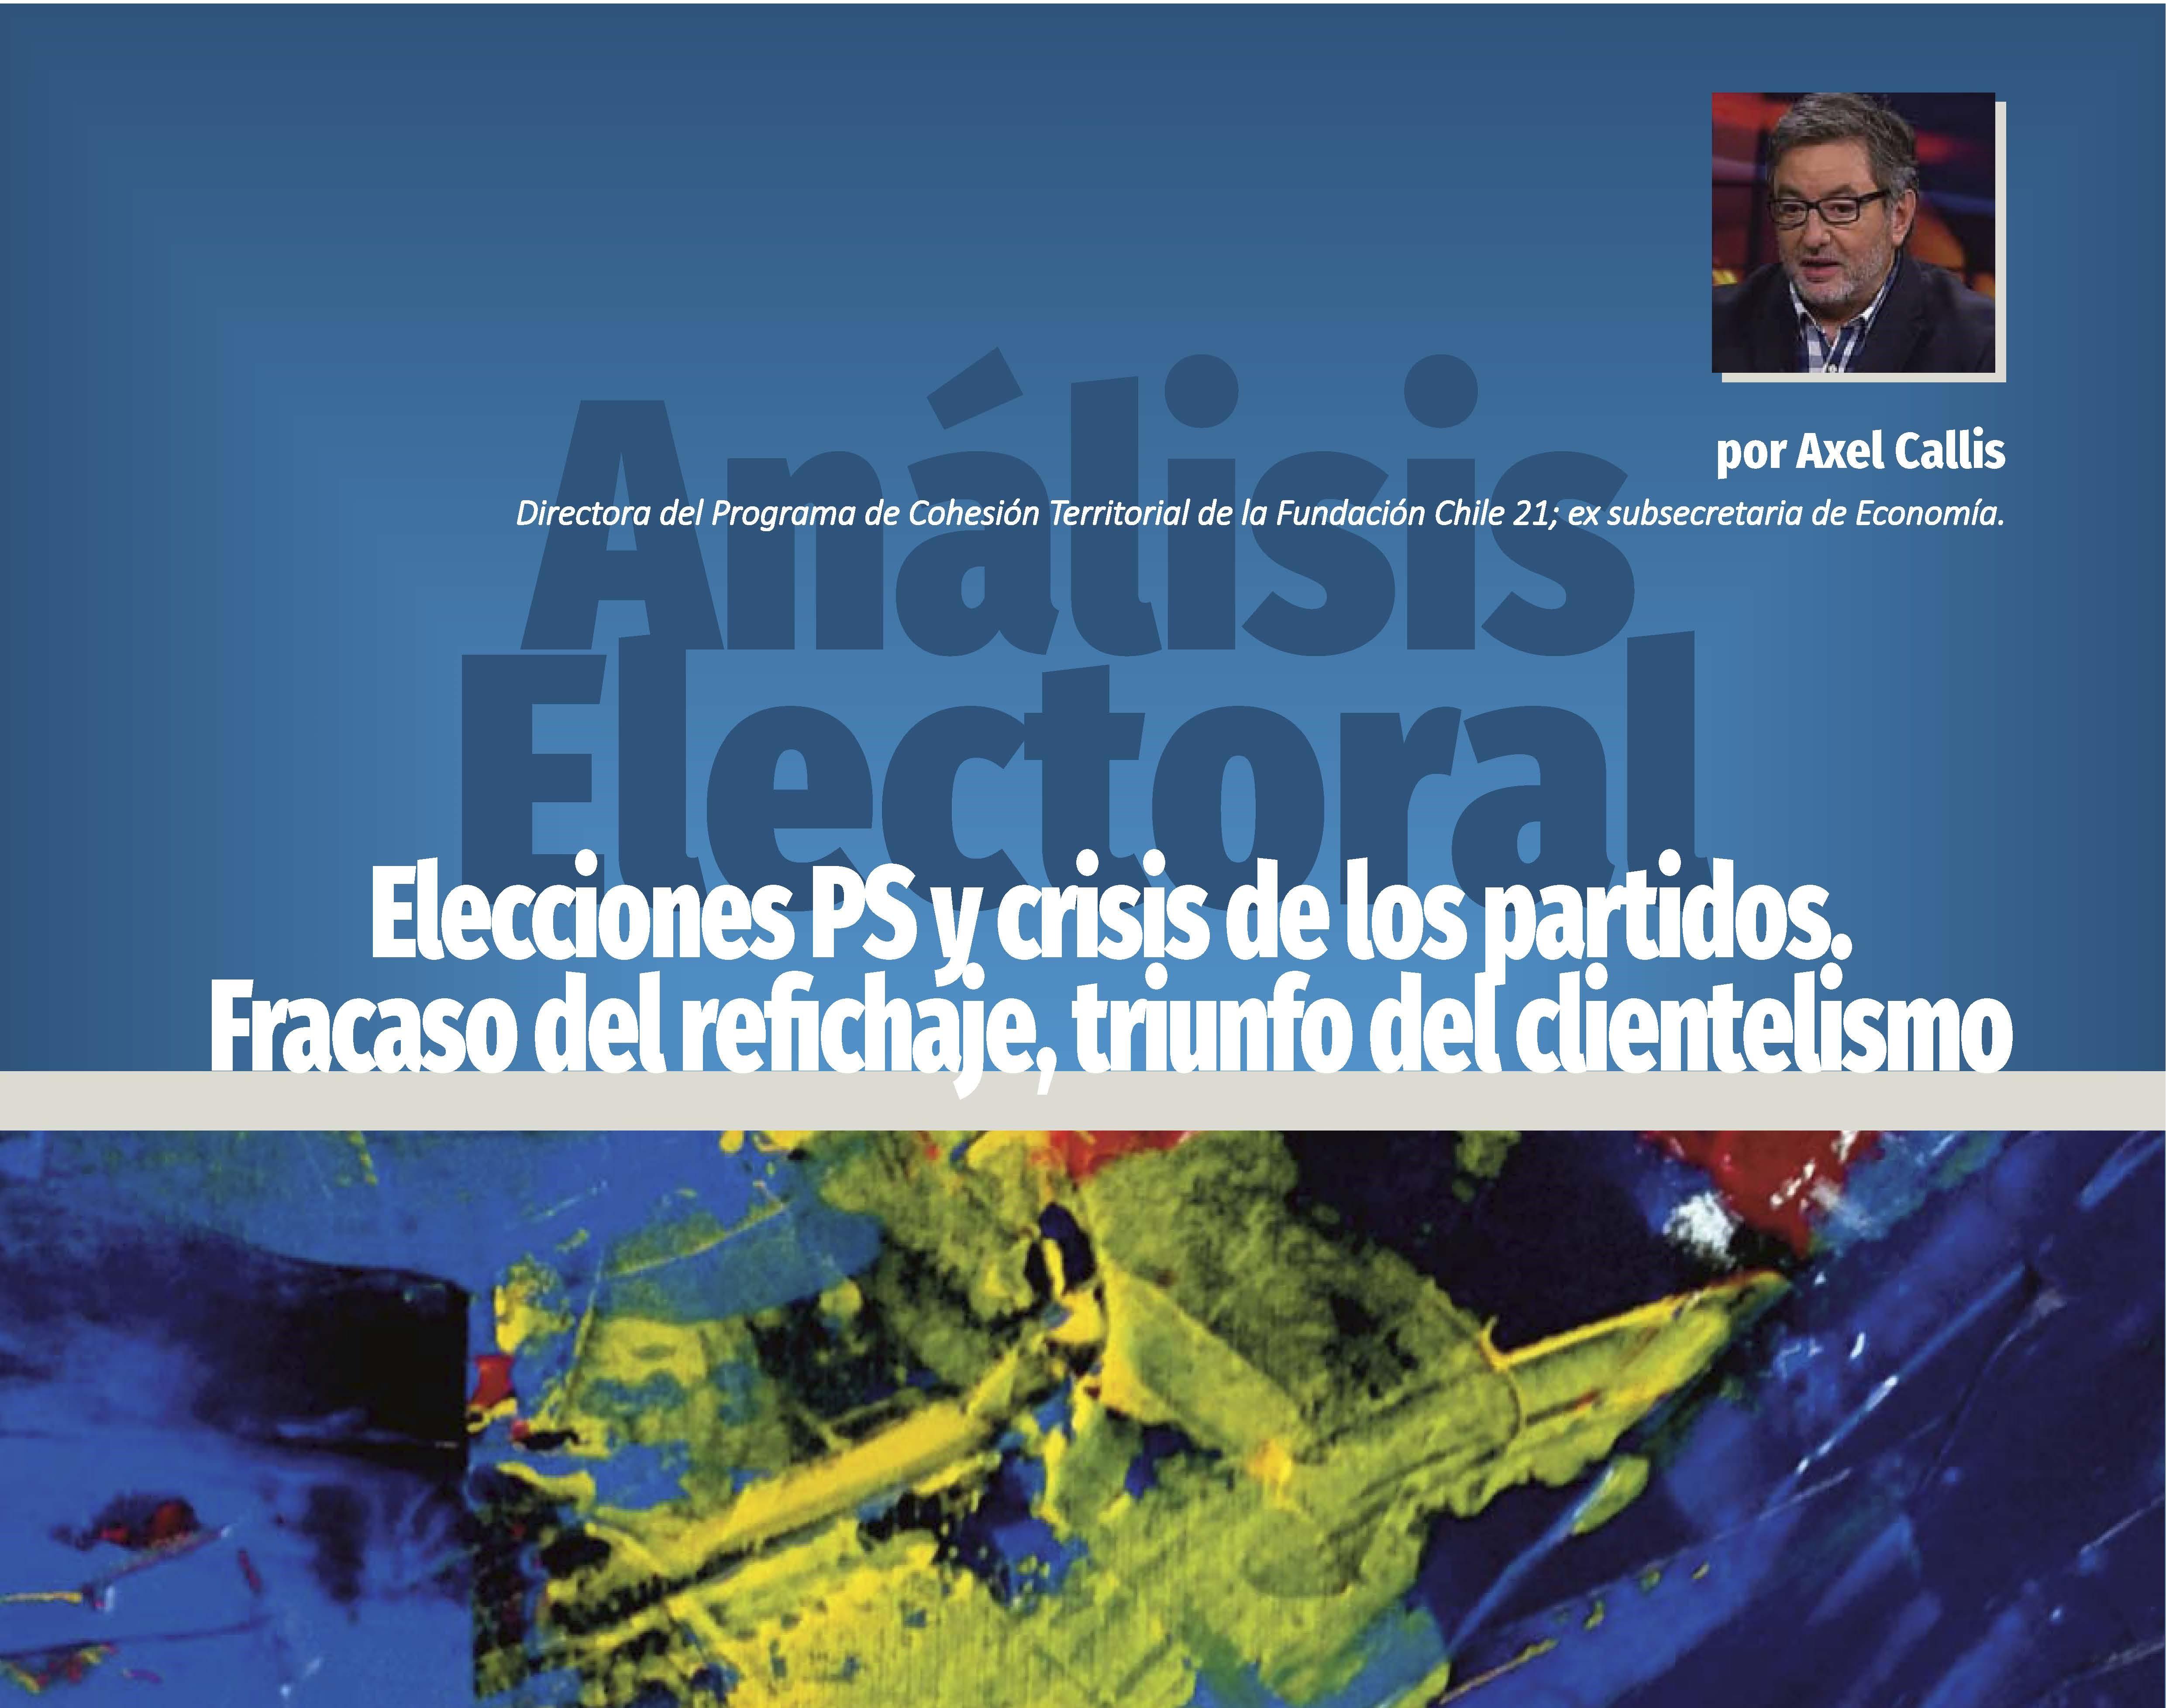 Elecciones PS y crisis de los partidos. Fracaso del refichaje, triunfo del clientelismo